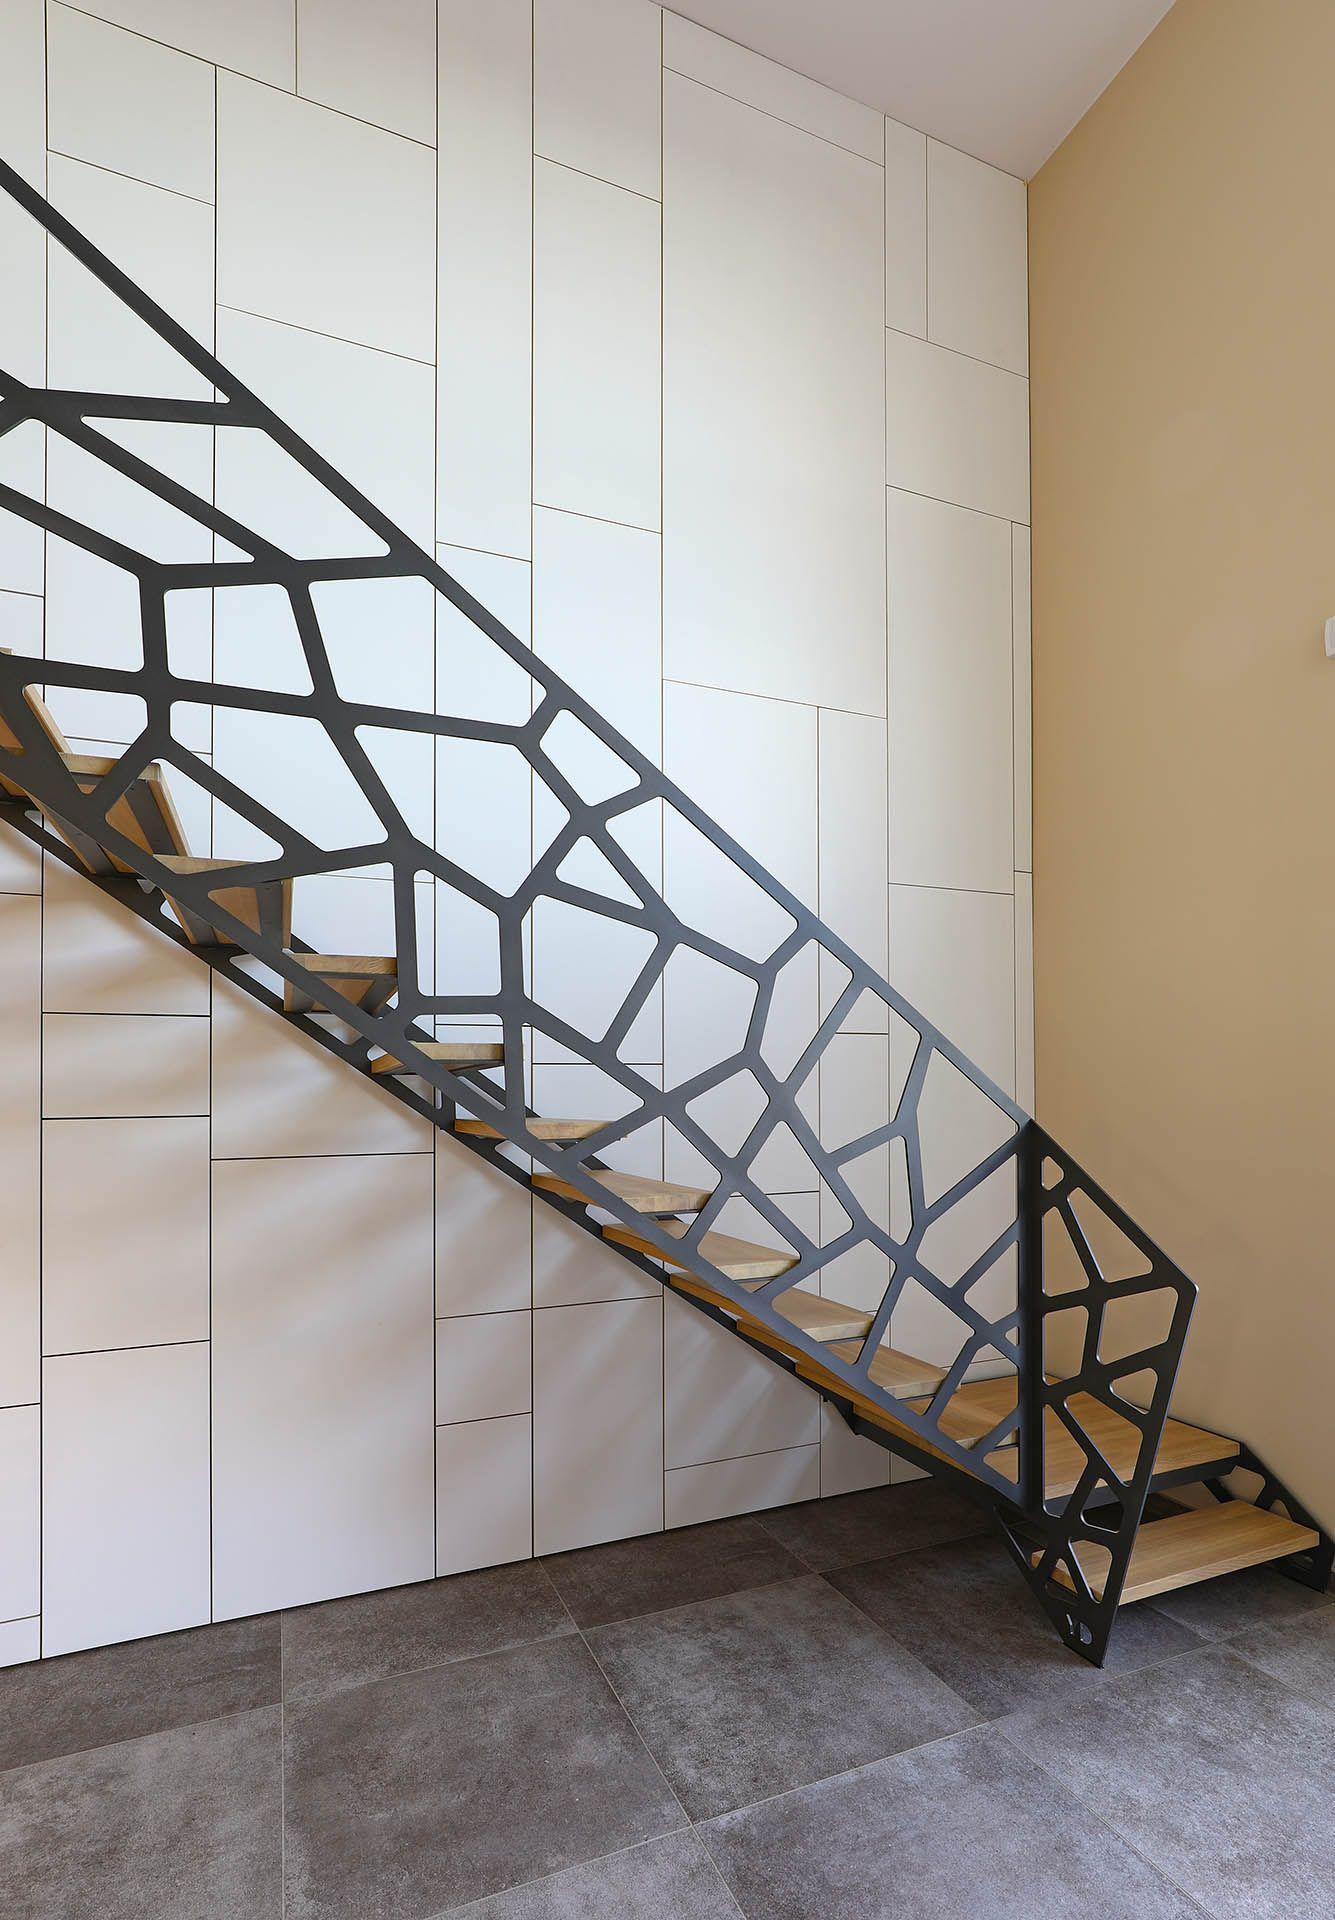 Yves deneyer menuiserie m tallique ferronnerie - Barandillas para escaleras interiores modernas ...